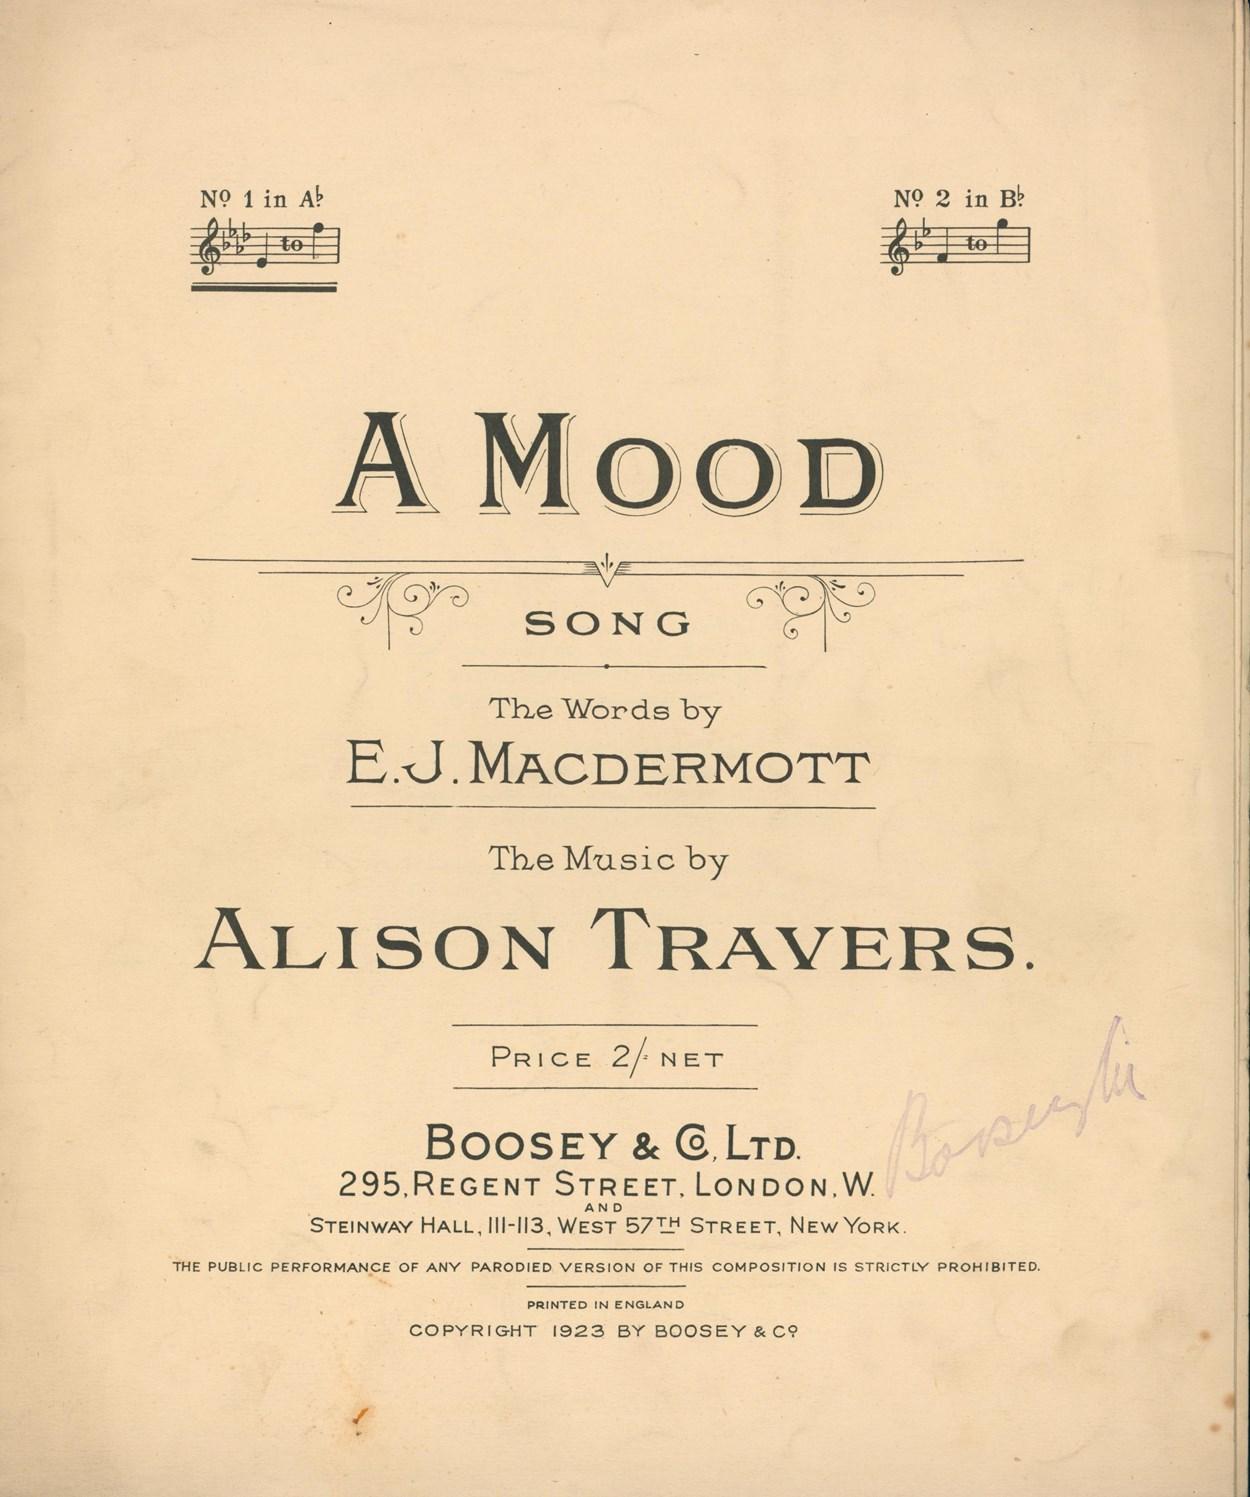 Alison Travers - A Mood 1923